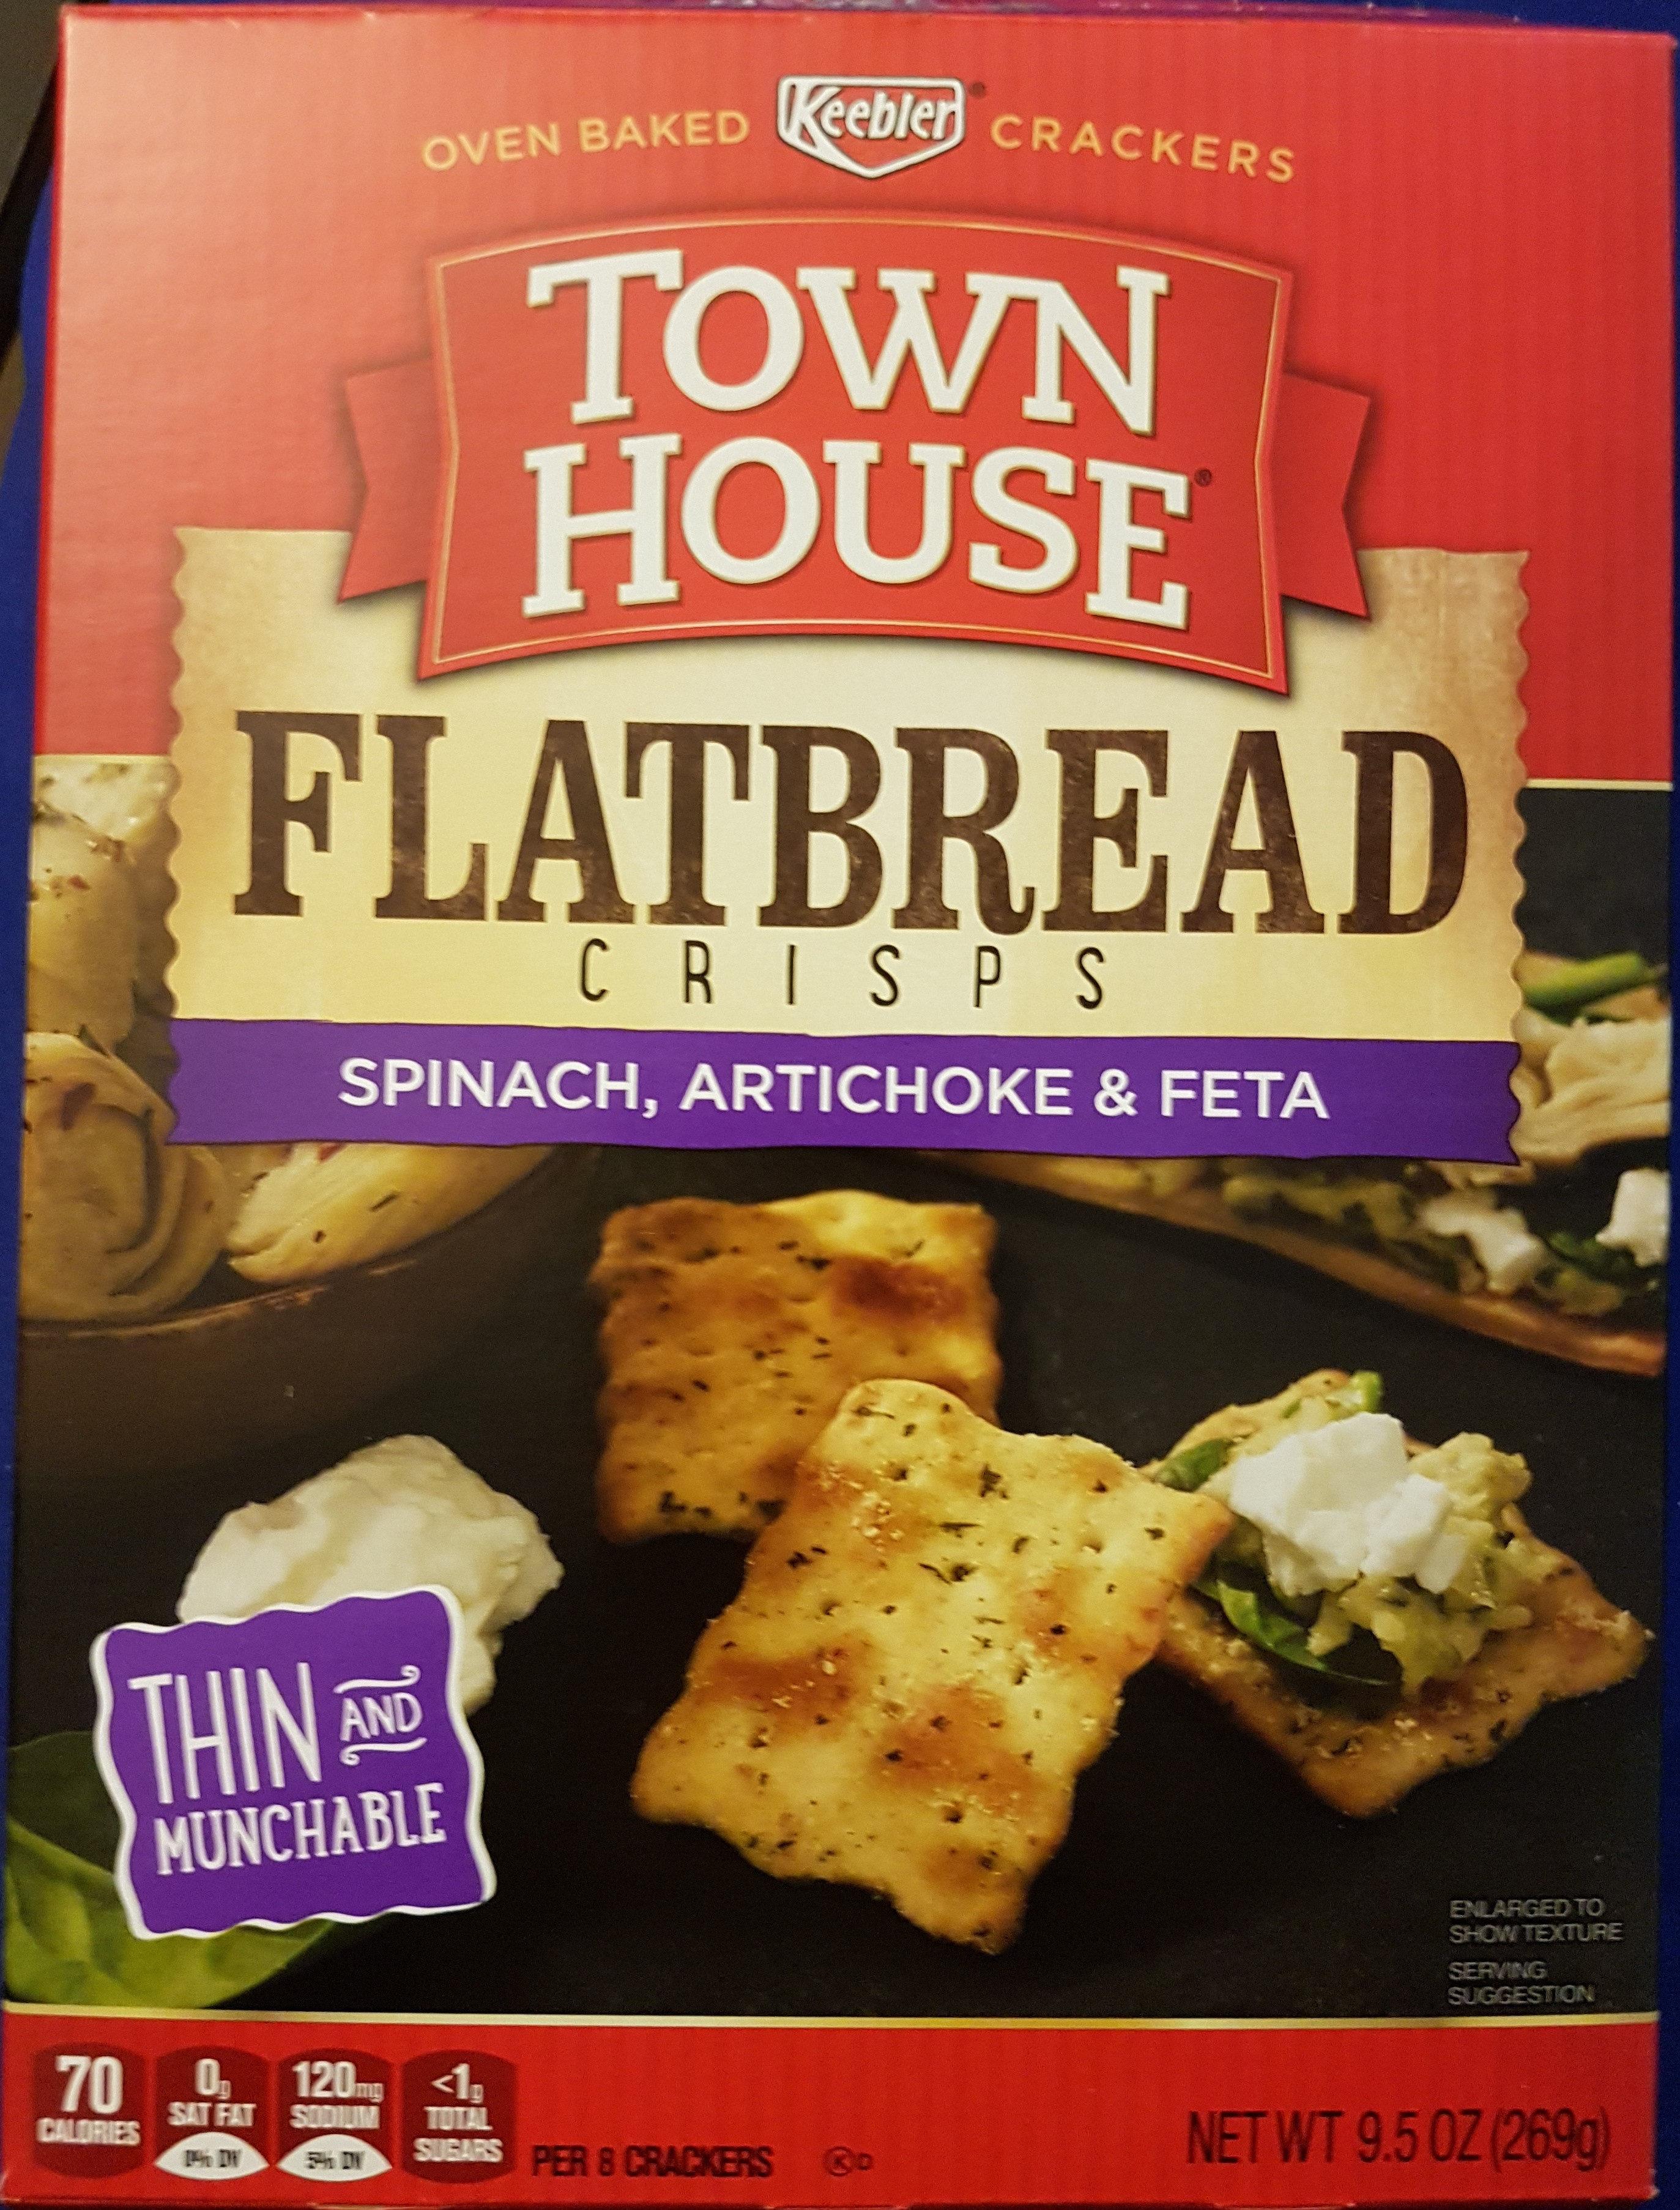 Town House Flatbread Crisps - Product - en